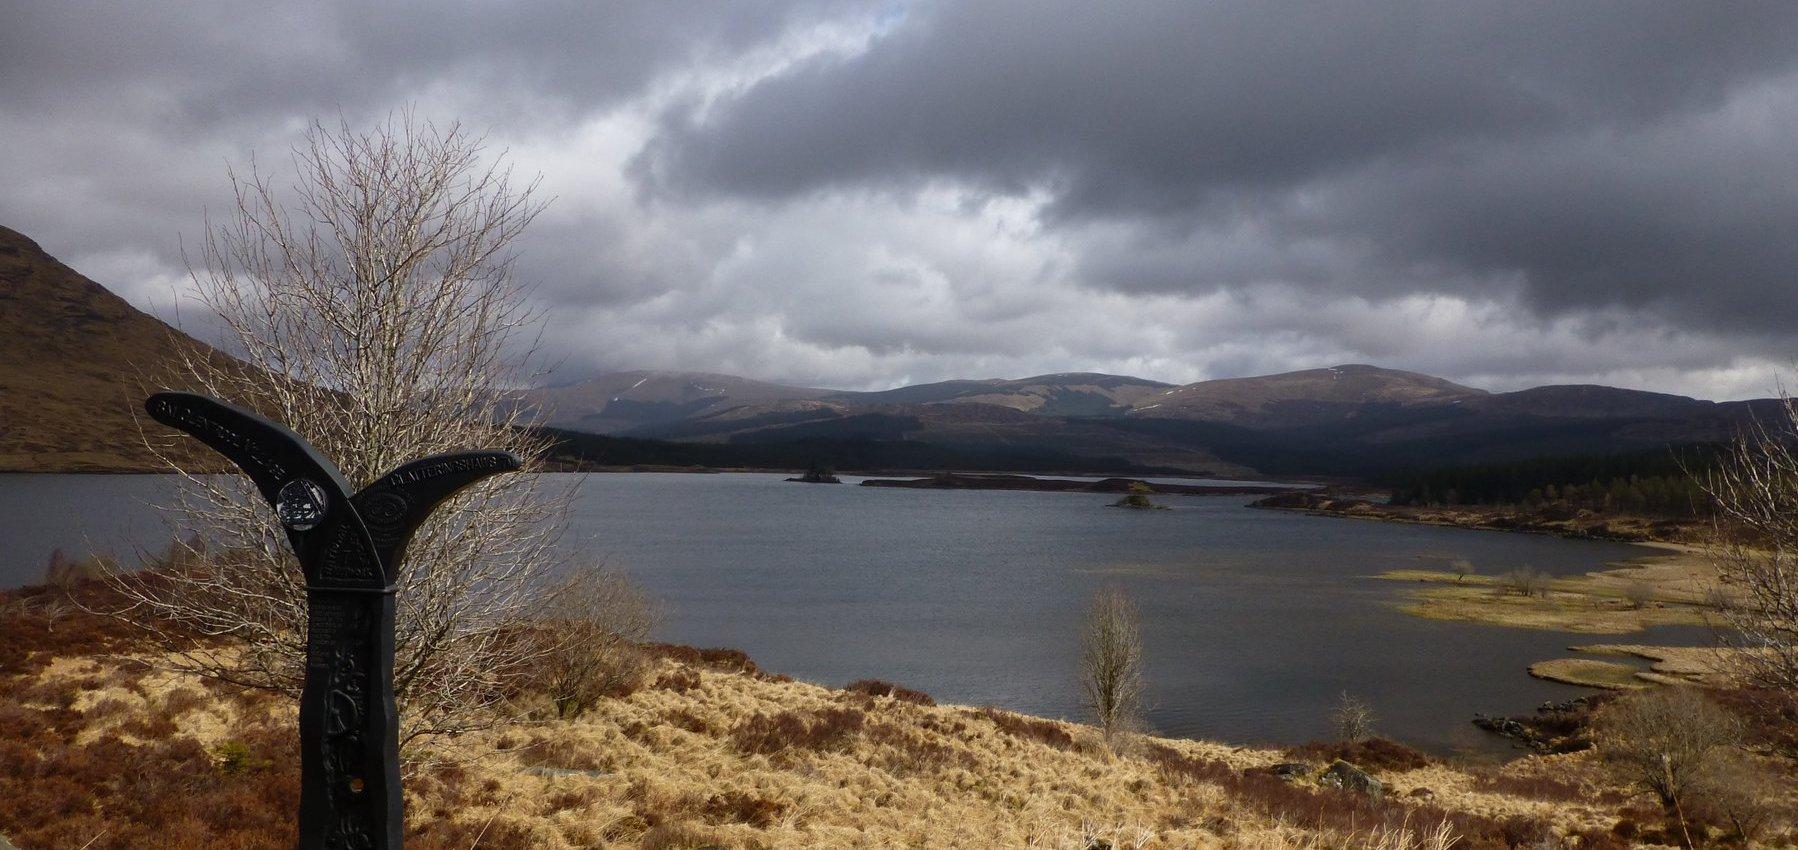 The splendid view across Loch Dee